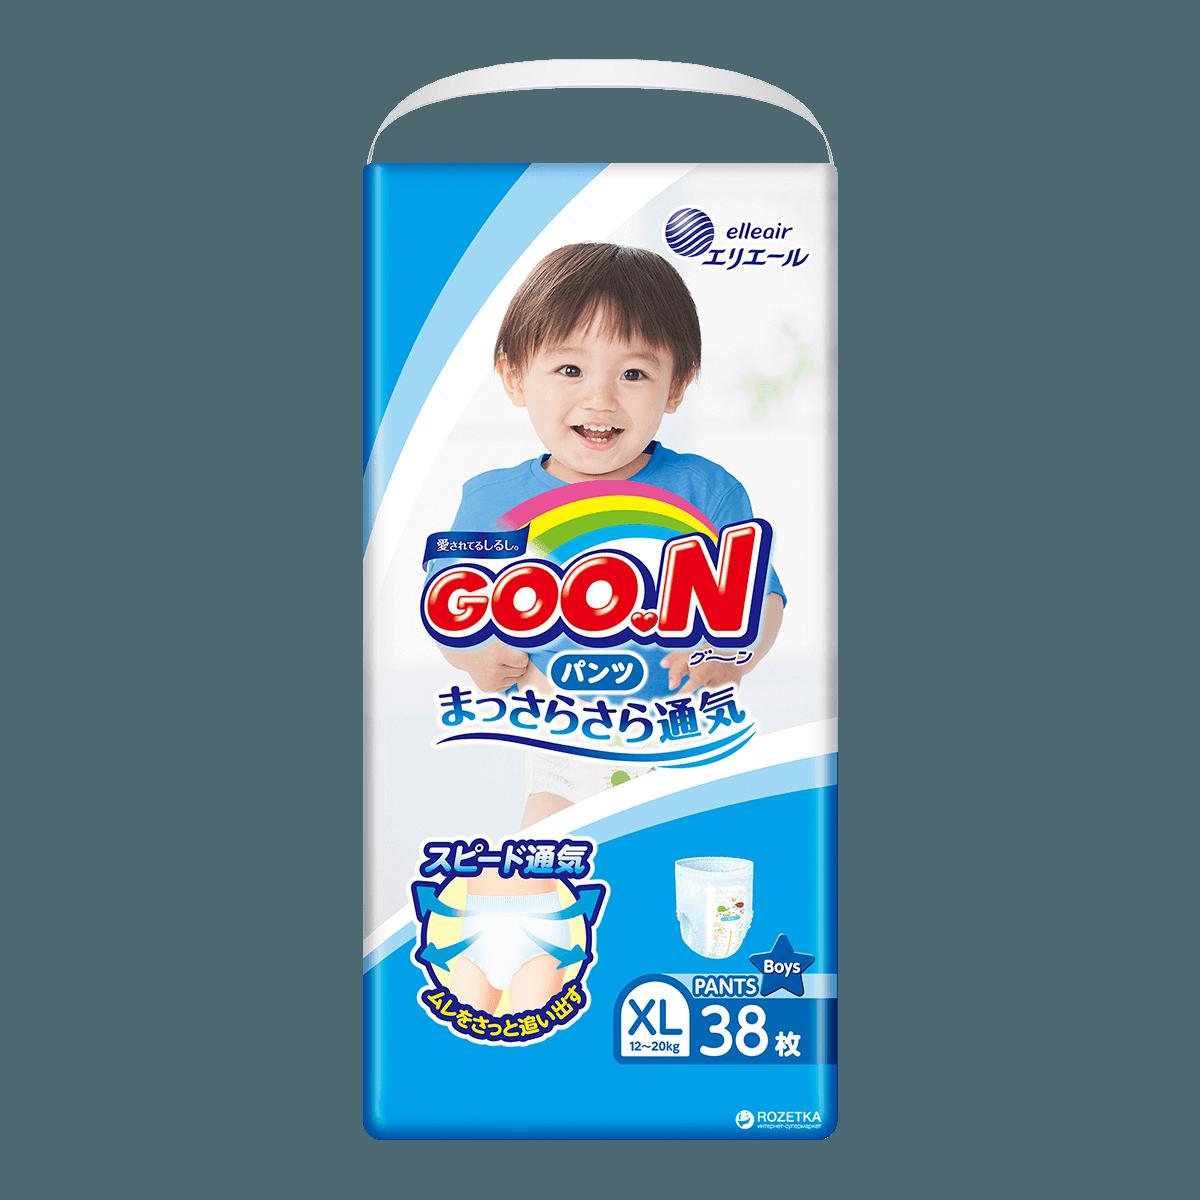 GOO.N Baby Diaper Soft Pants for Boy Type XL Size 12-20kg 38Pcs